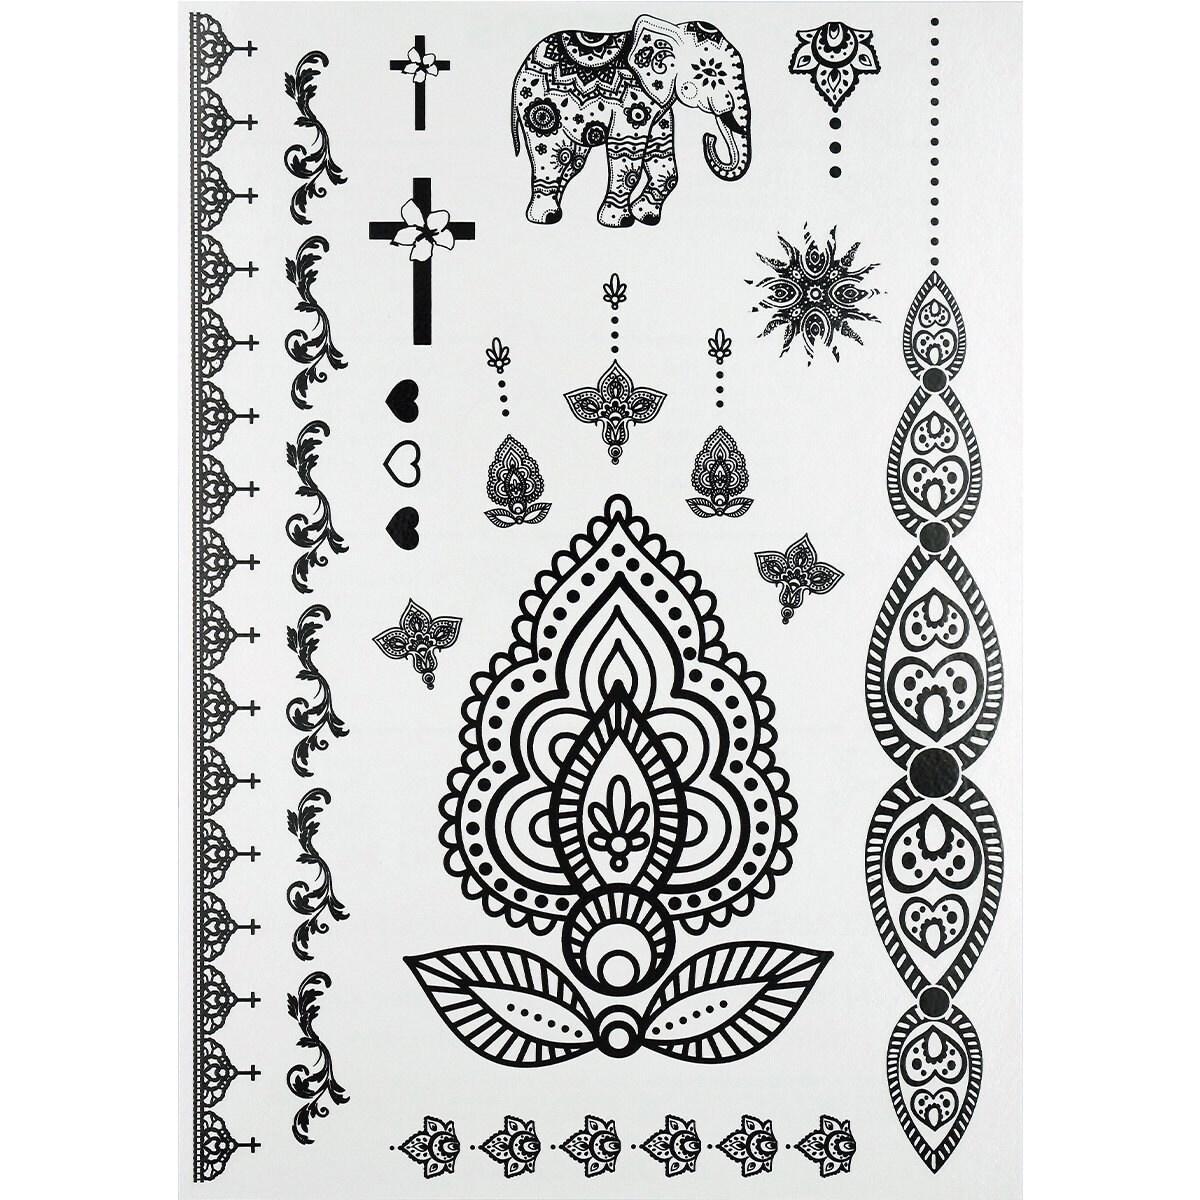 Dessin tatouage dentelle fashion designs - Tatouage manchette mandala ...